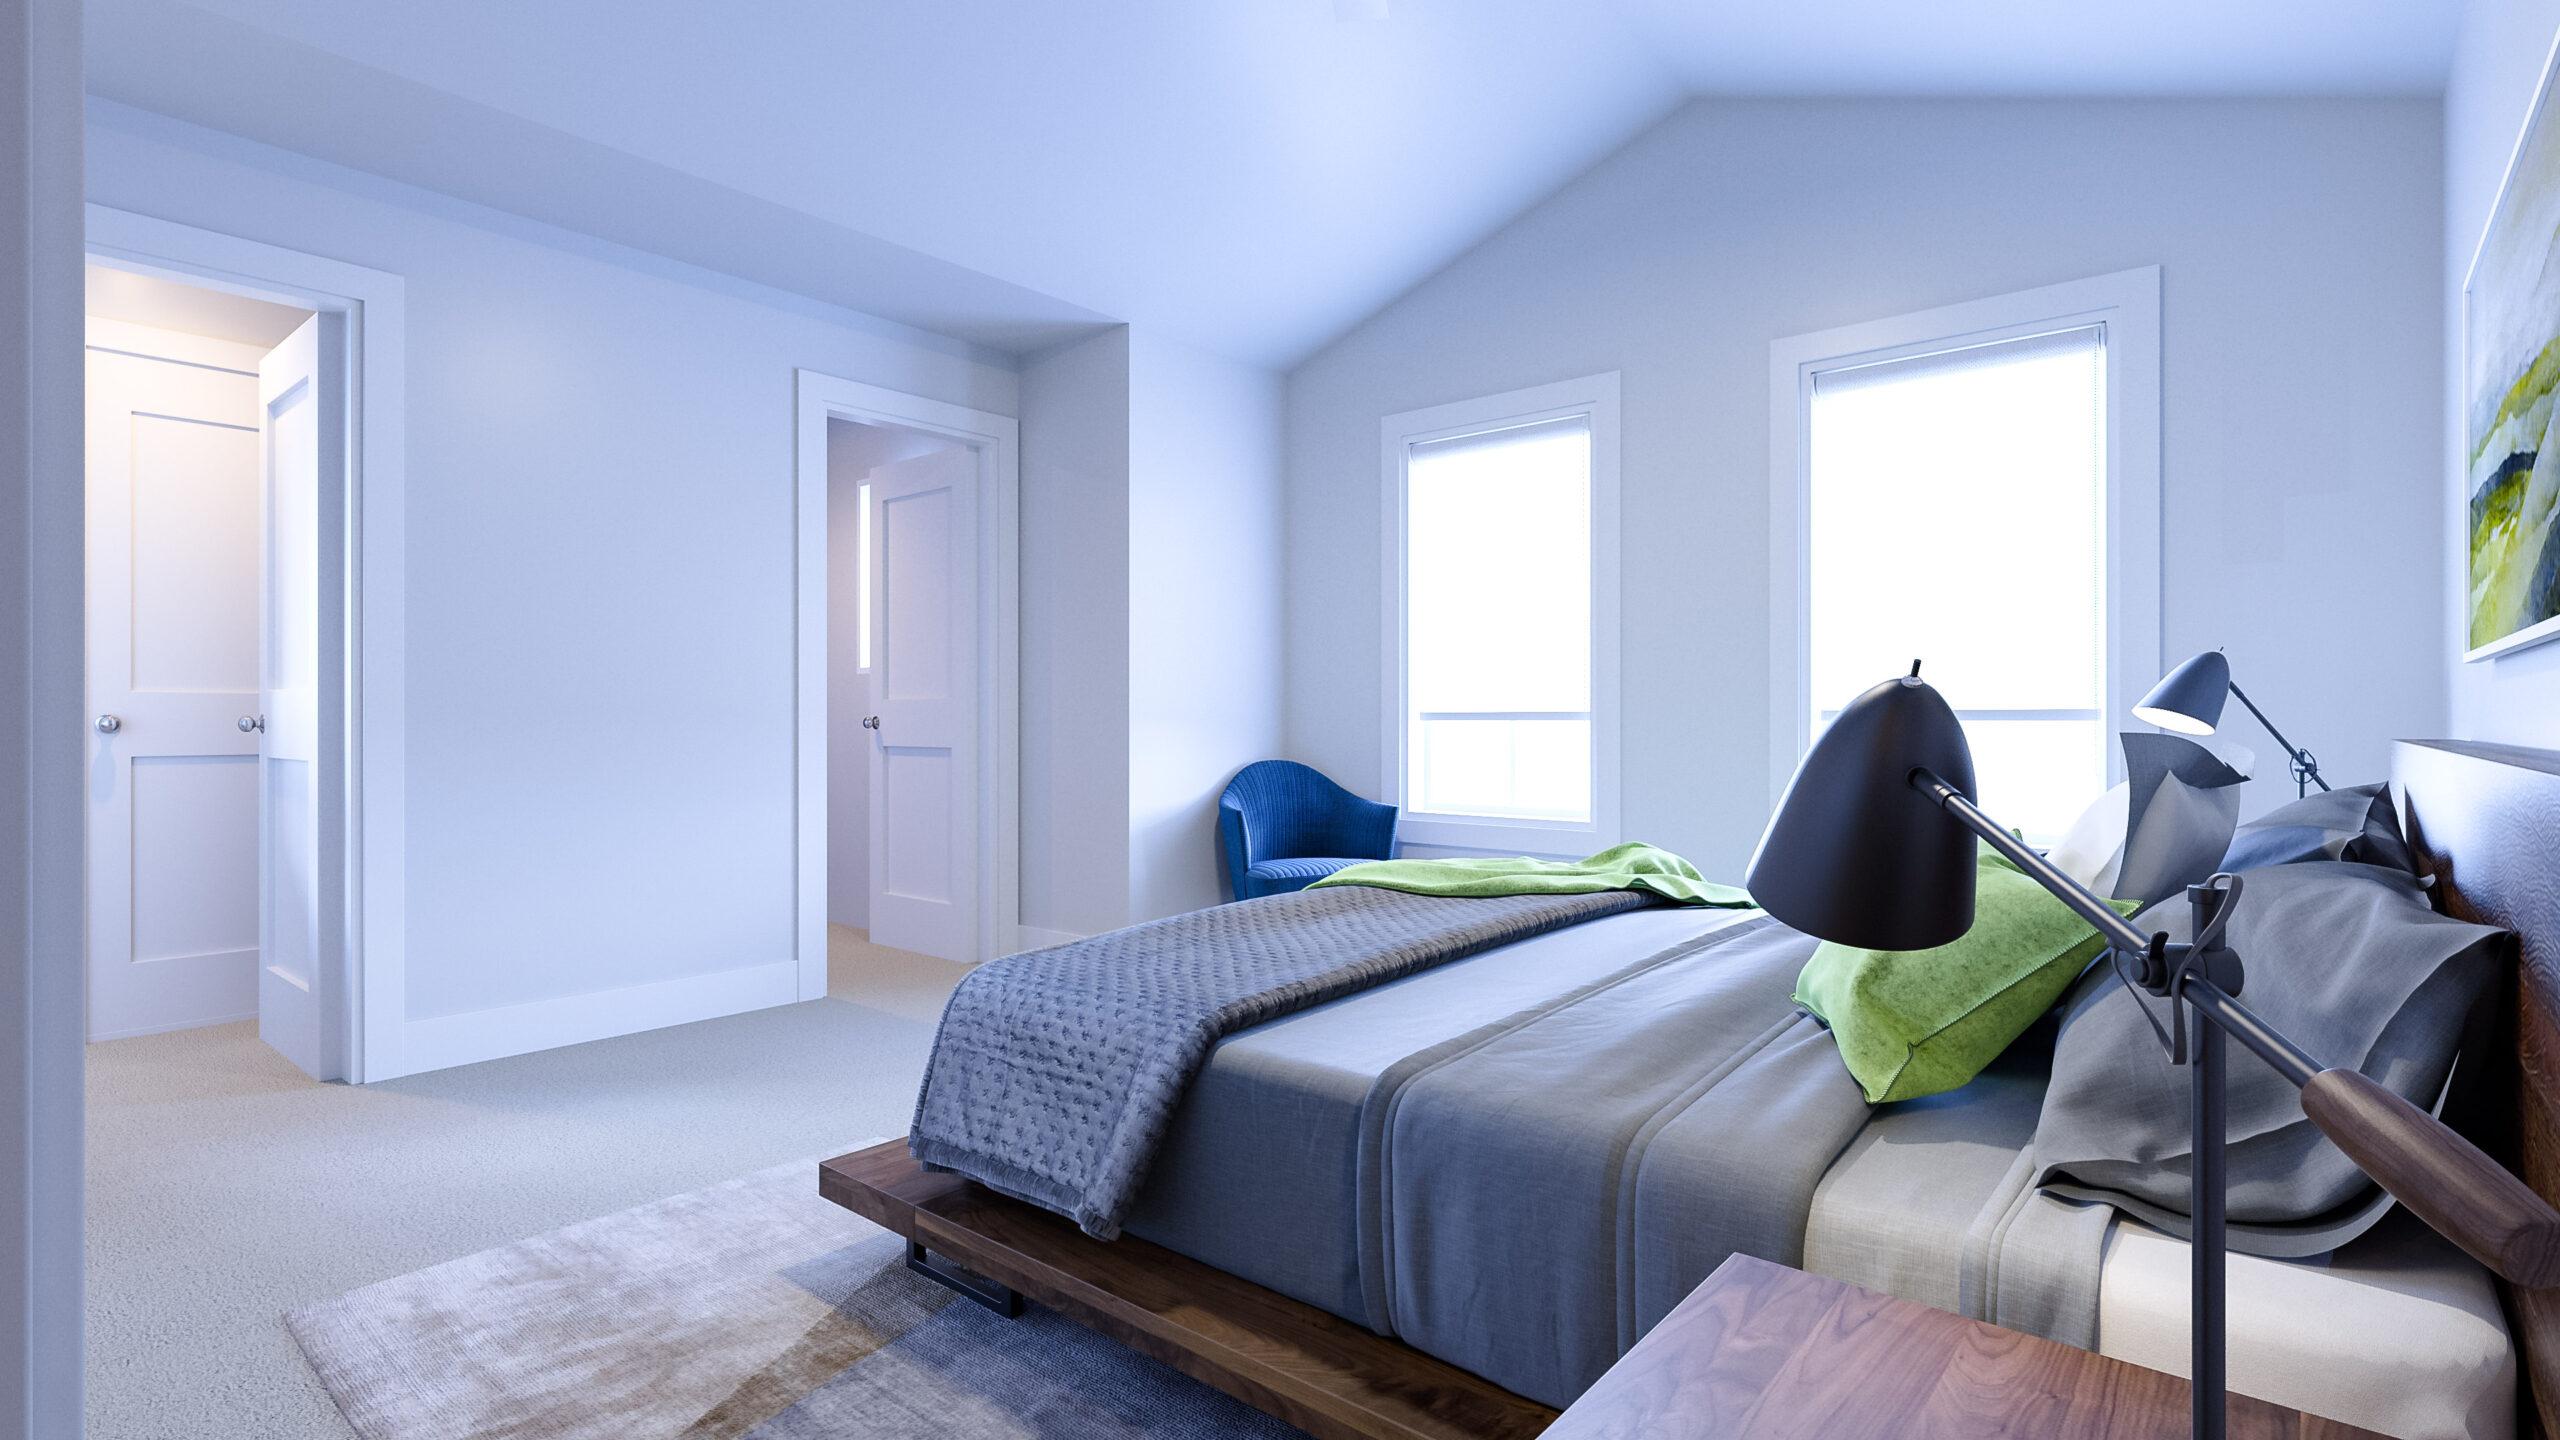 4 bedroom homes chilliwack